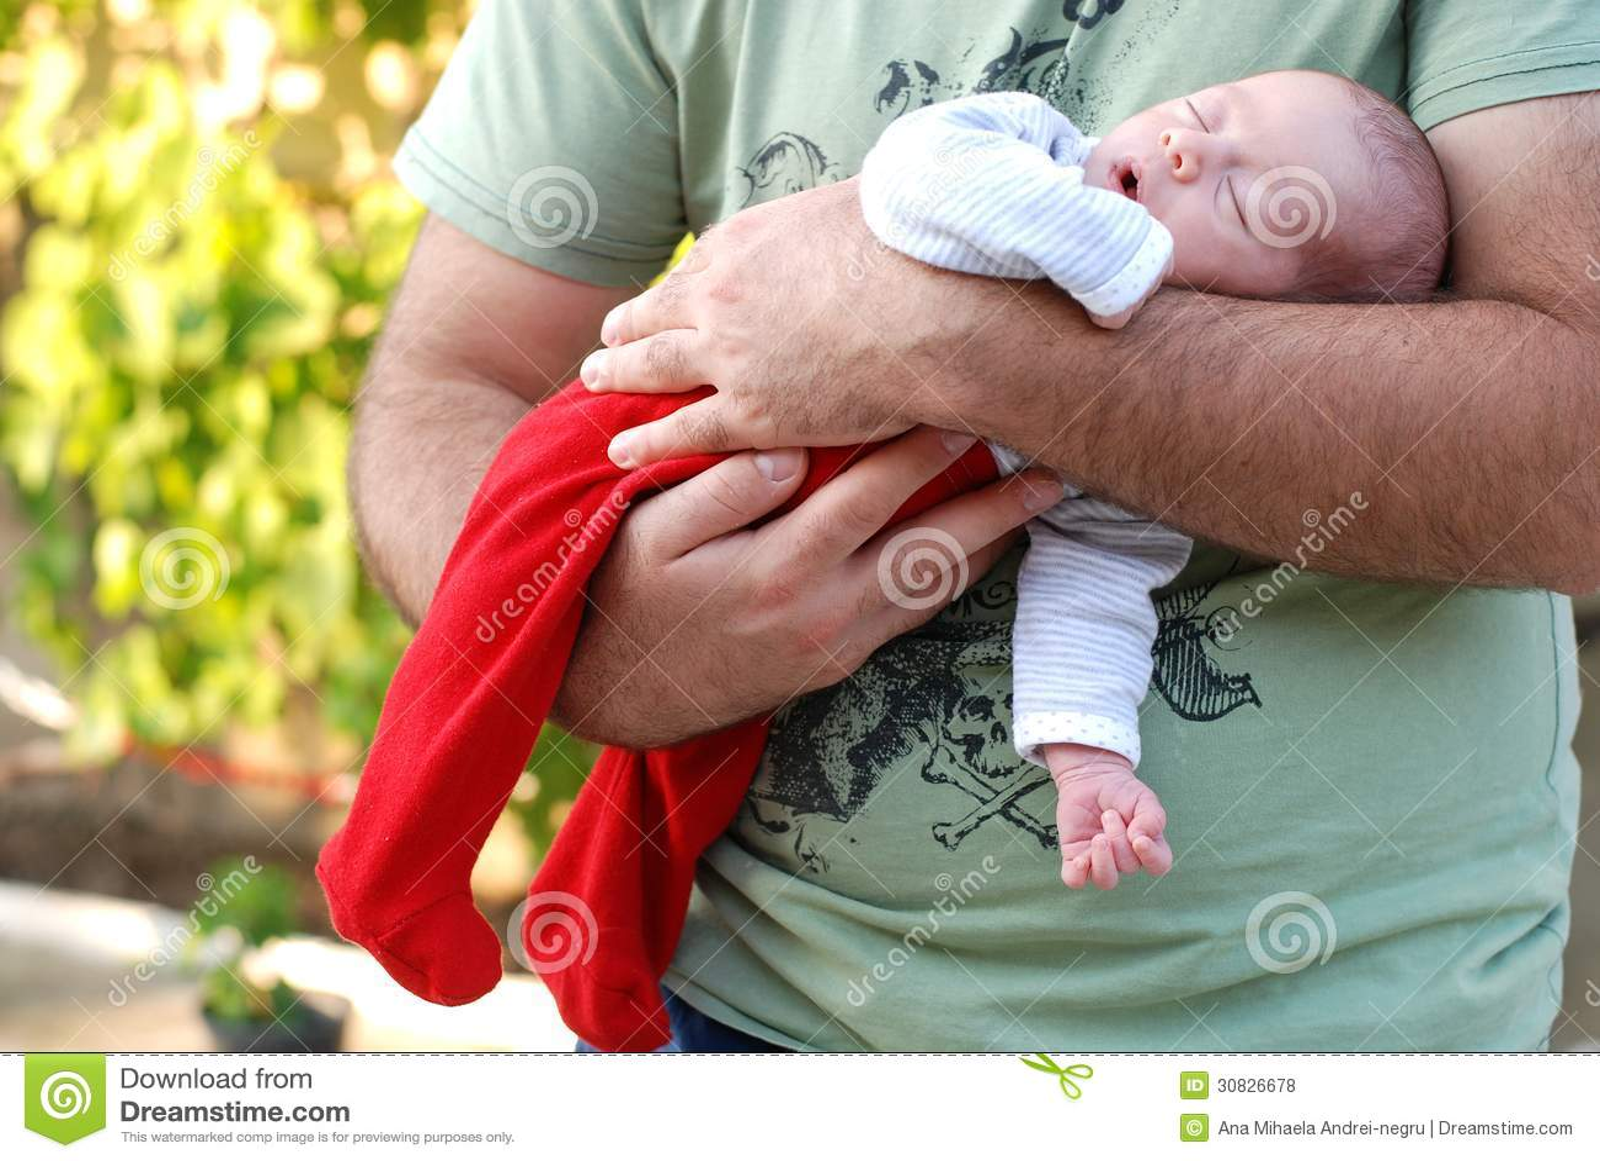 Neonata neonata che dorme nelle sue armi dei padri